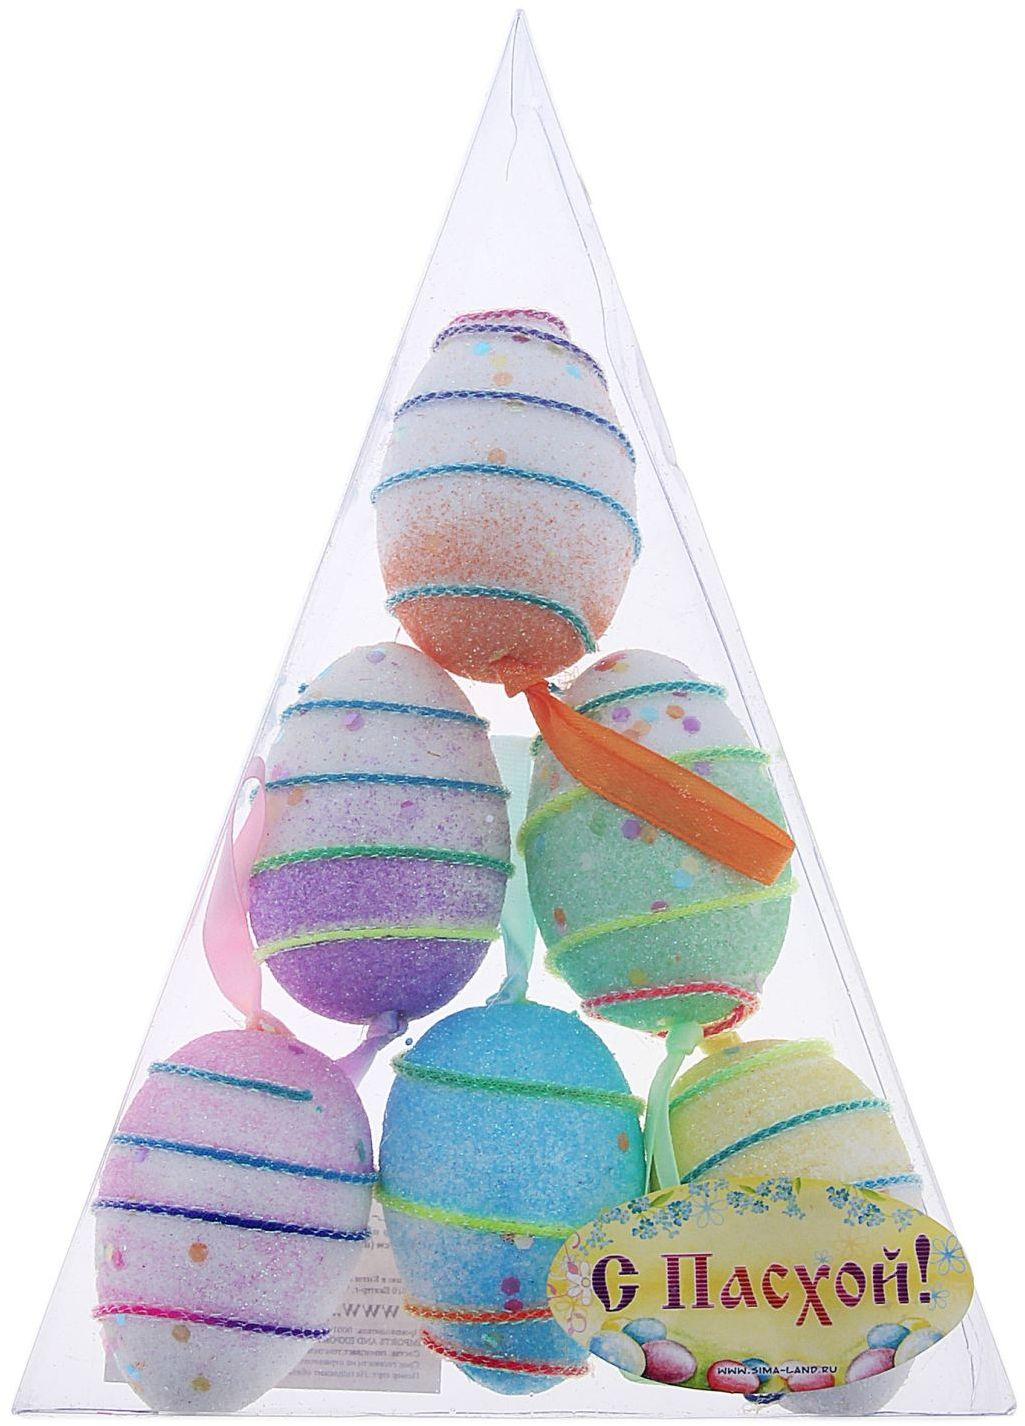 Сувенир пасхальный Sima-land Яйцо. Спираль, 4 х 6 см, 6 шт114776Яйцо - это главный пасхальный символ, который символизирует для христиан новую жизнь и возрождение, поэтому его присутствие на праздничном столе является обязательным элементом во многих странах.Сегодня крашеными яйцами принято не только украшать праздничный стол. Если вы решили серьёзно подойти к декору квартиры, и вам нужно, например, подвесить яйца, закрепить на веточках, в этом вам поможет сувенир - пасхальное яйцо Спираль (набор 6 шт) - очаровательный символ, который покорит сердце каждого. Можете уложить эти чудесные яйца в плетёную корзинку, на красивую салфетку, и перед вами уже готовый подарок или композиция для сервировки стола. Приобретая такой сувенир, вы сэкономите кучу времени на росписи яиц, оставив его на выпечку самого вкусного кулича.